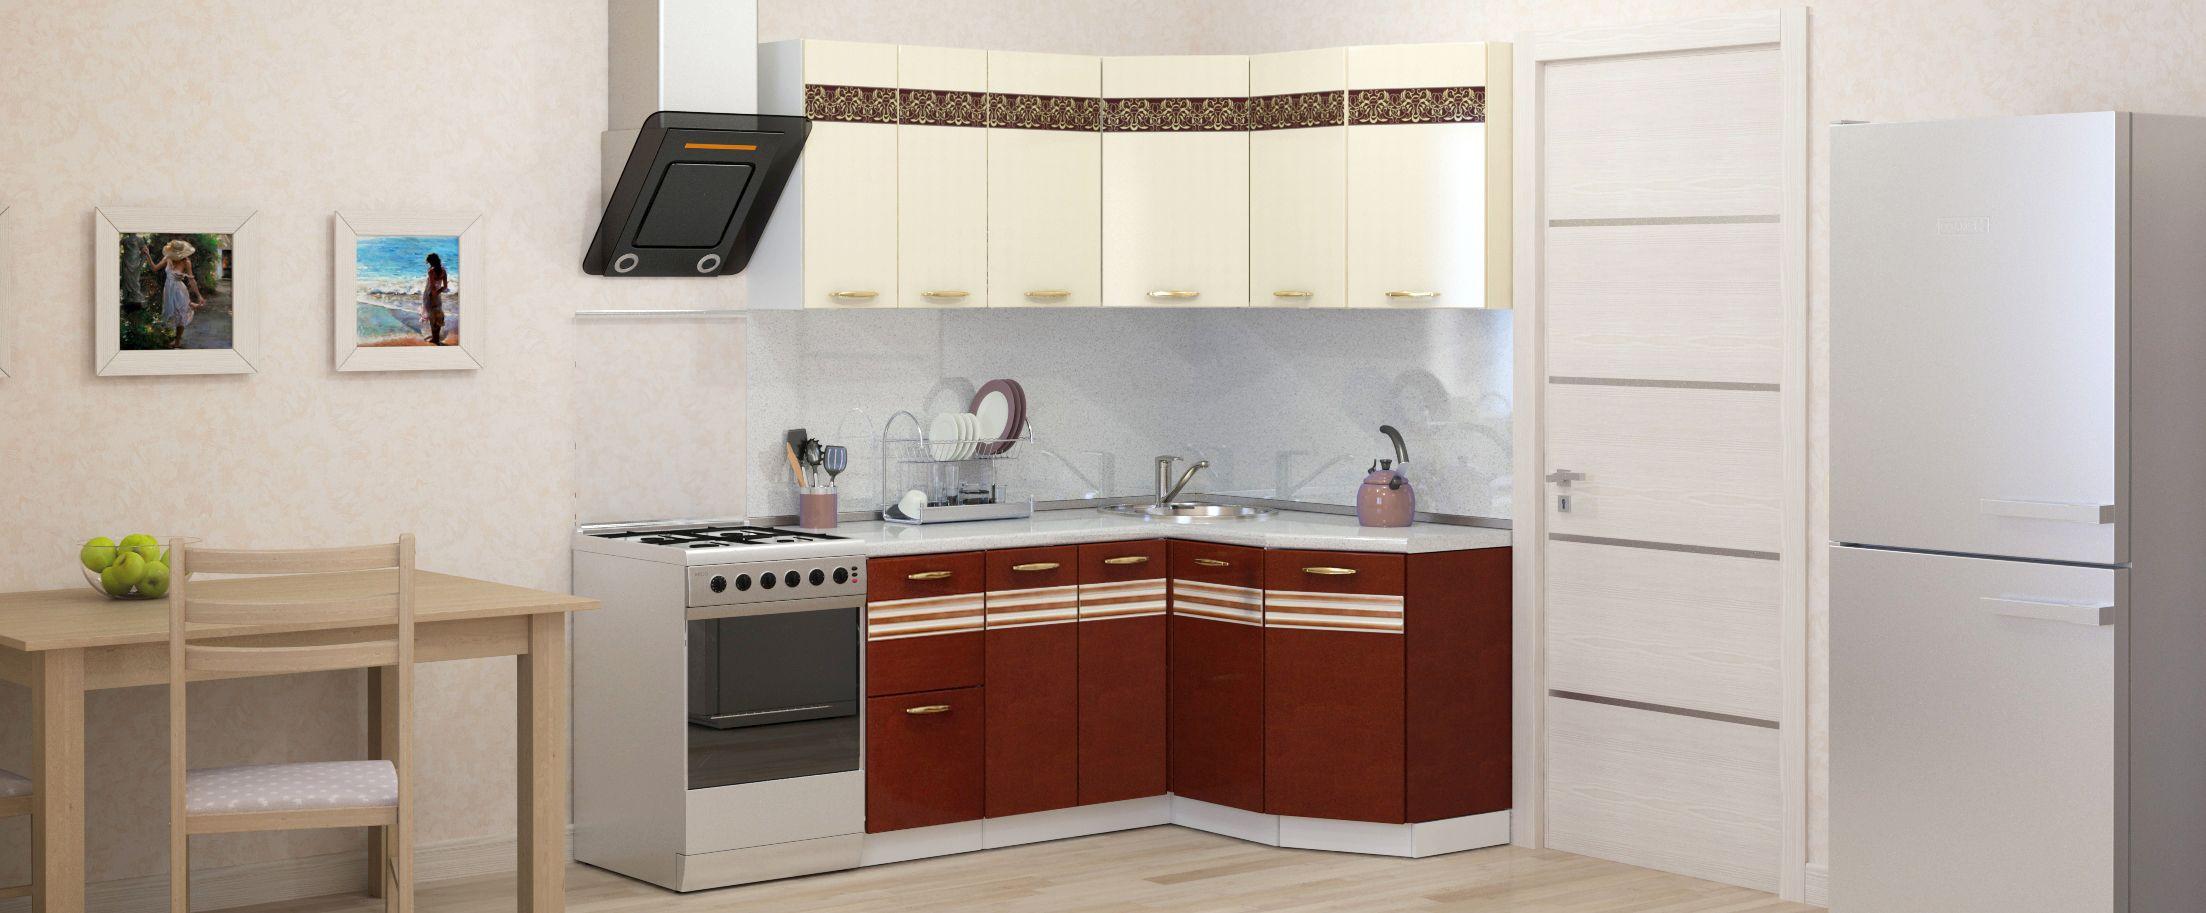 Кухня Корица угловая 1,6х1,35 мКупить удобный и практичный набор кухонного гарнитура в интернет магазине MOON-TRADE.RU. Быстрая доставка, вынос упаковки, гарантия! Выгодная покупка!<br>